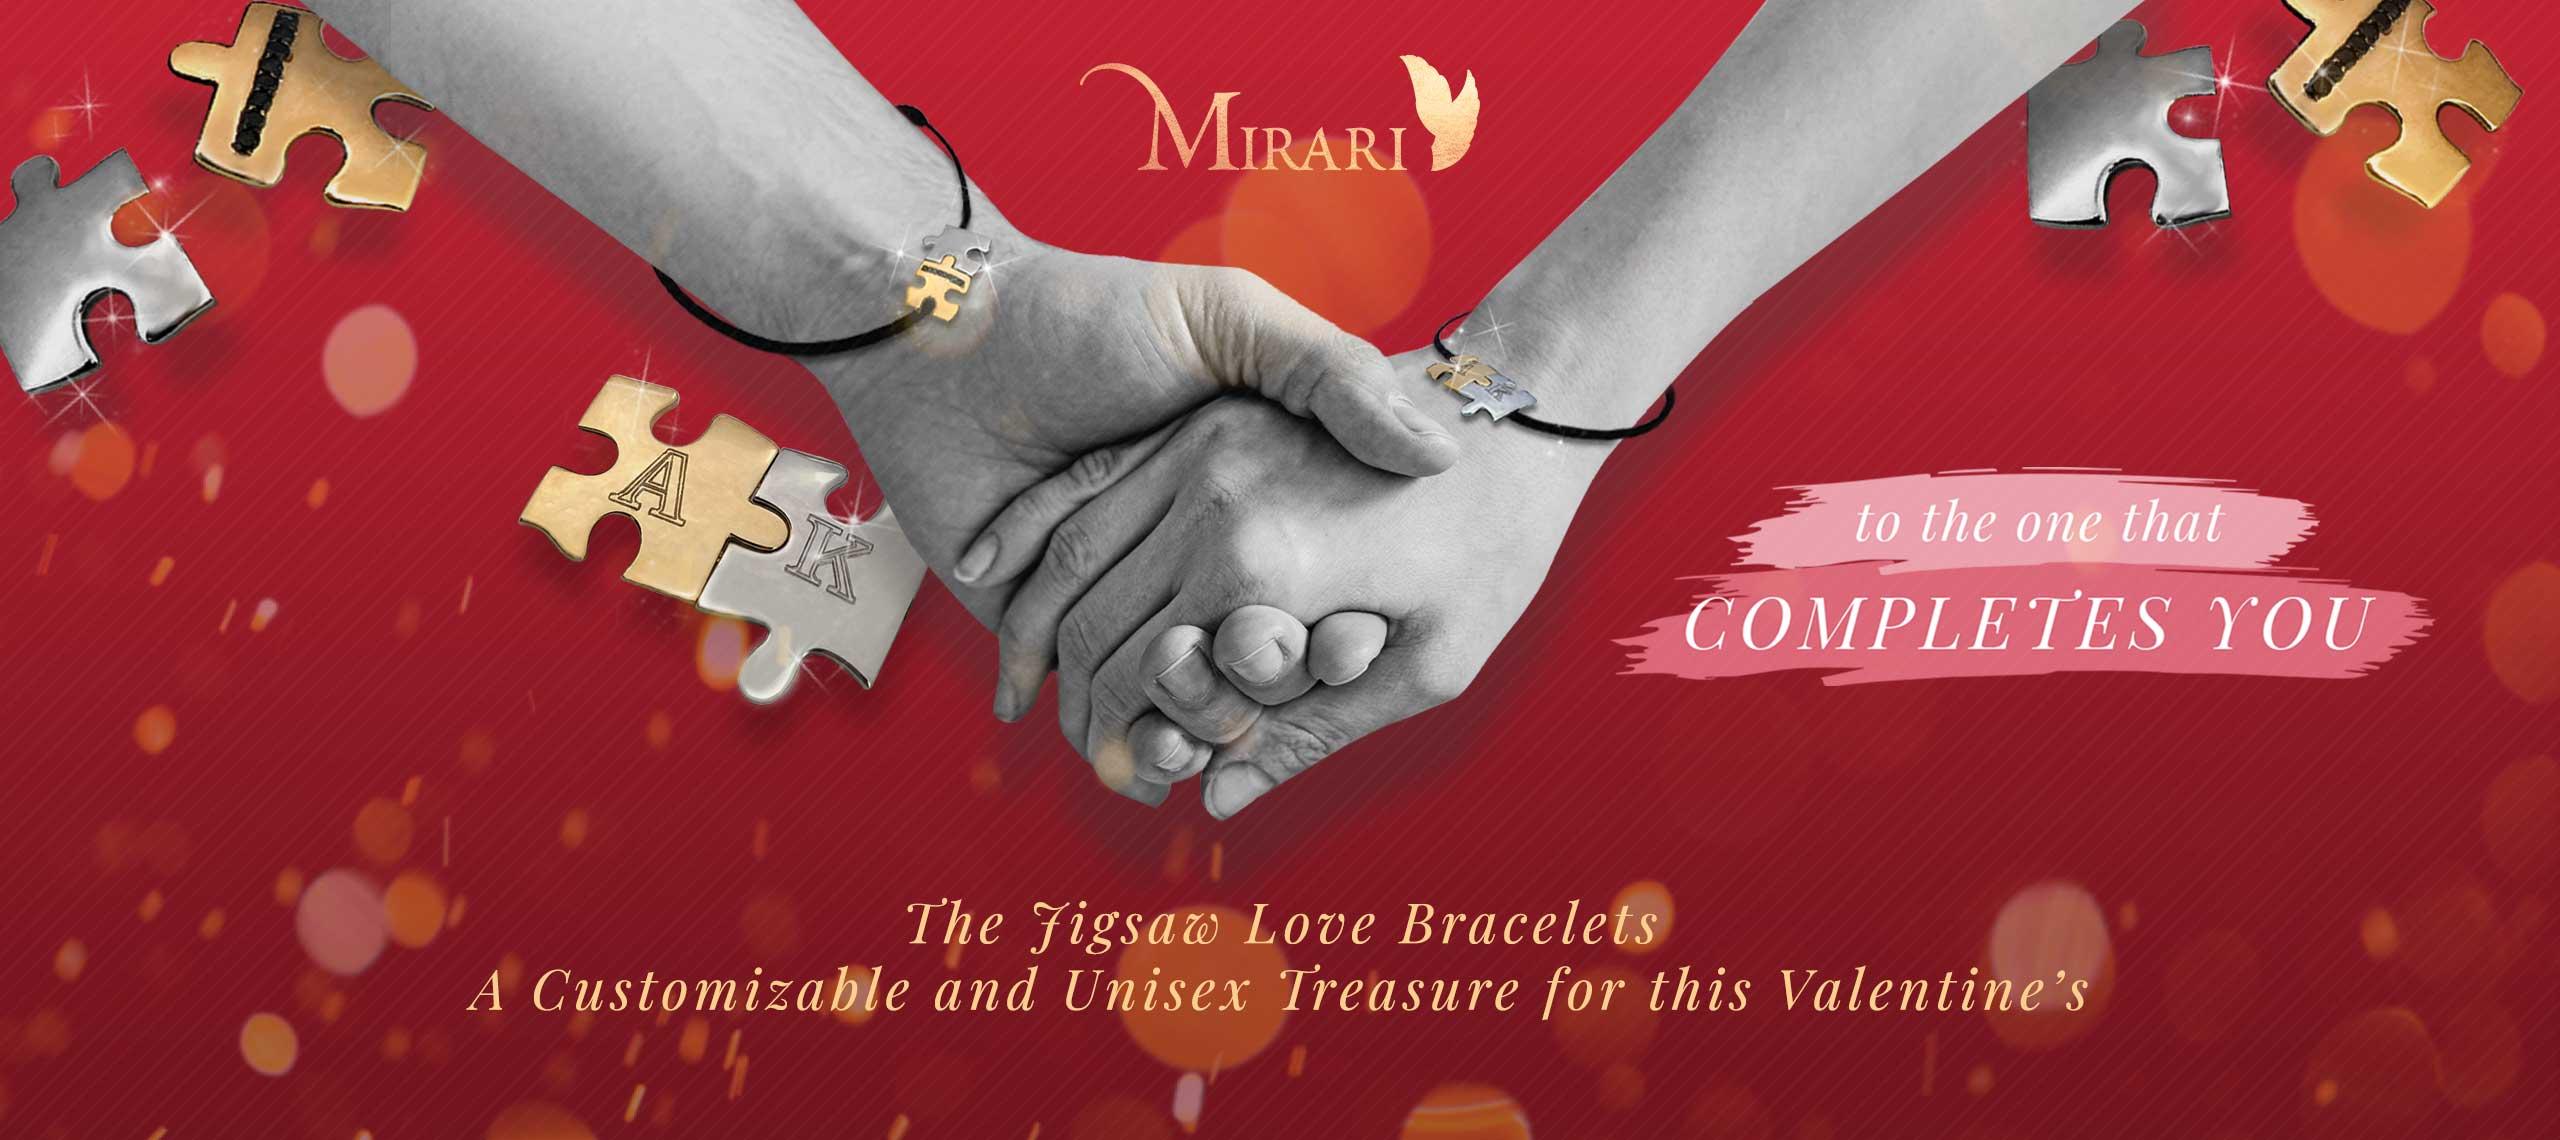 mirari-jigsaw-banner1